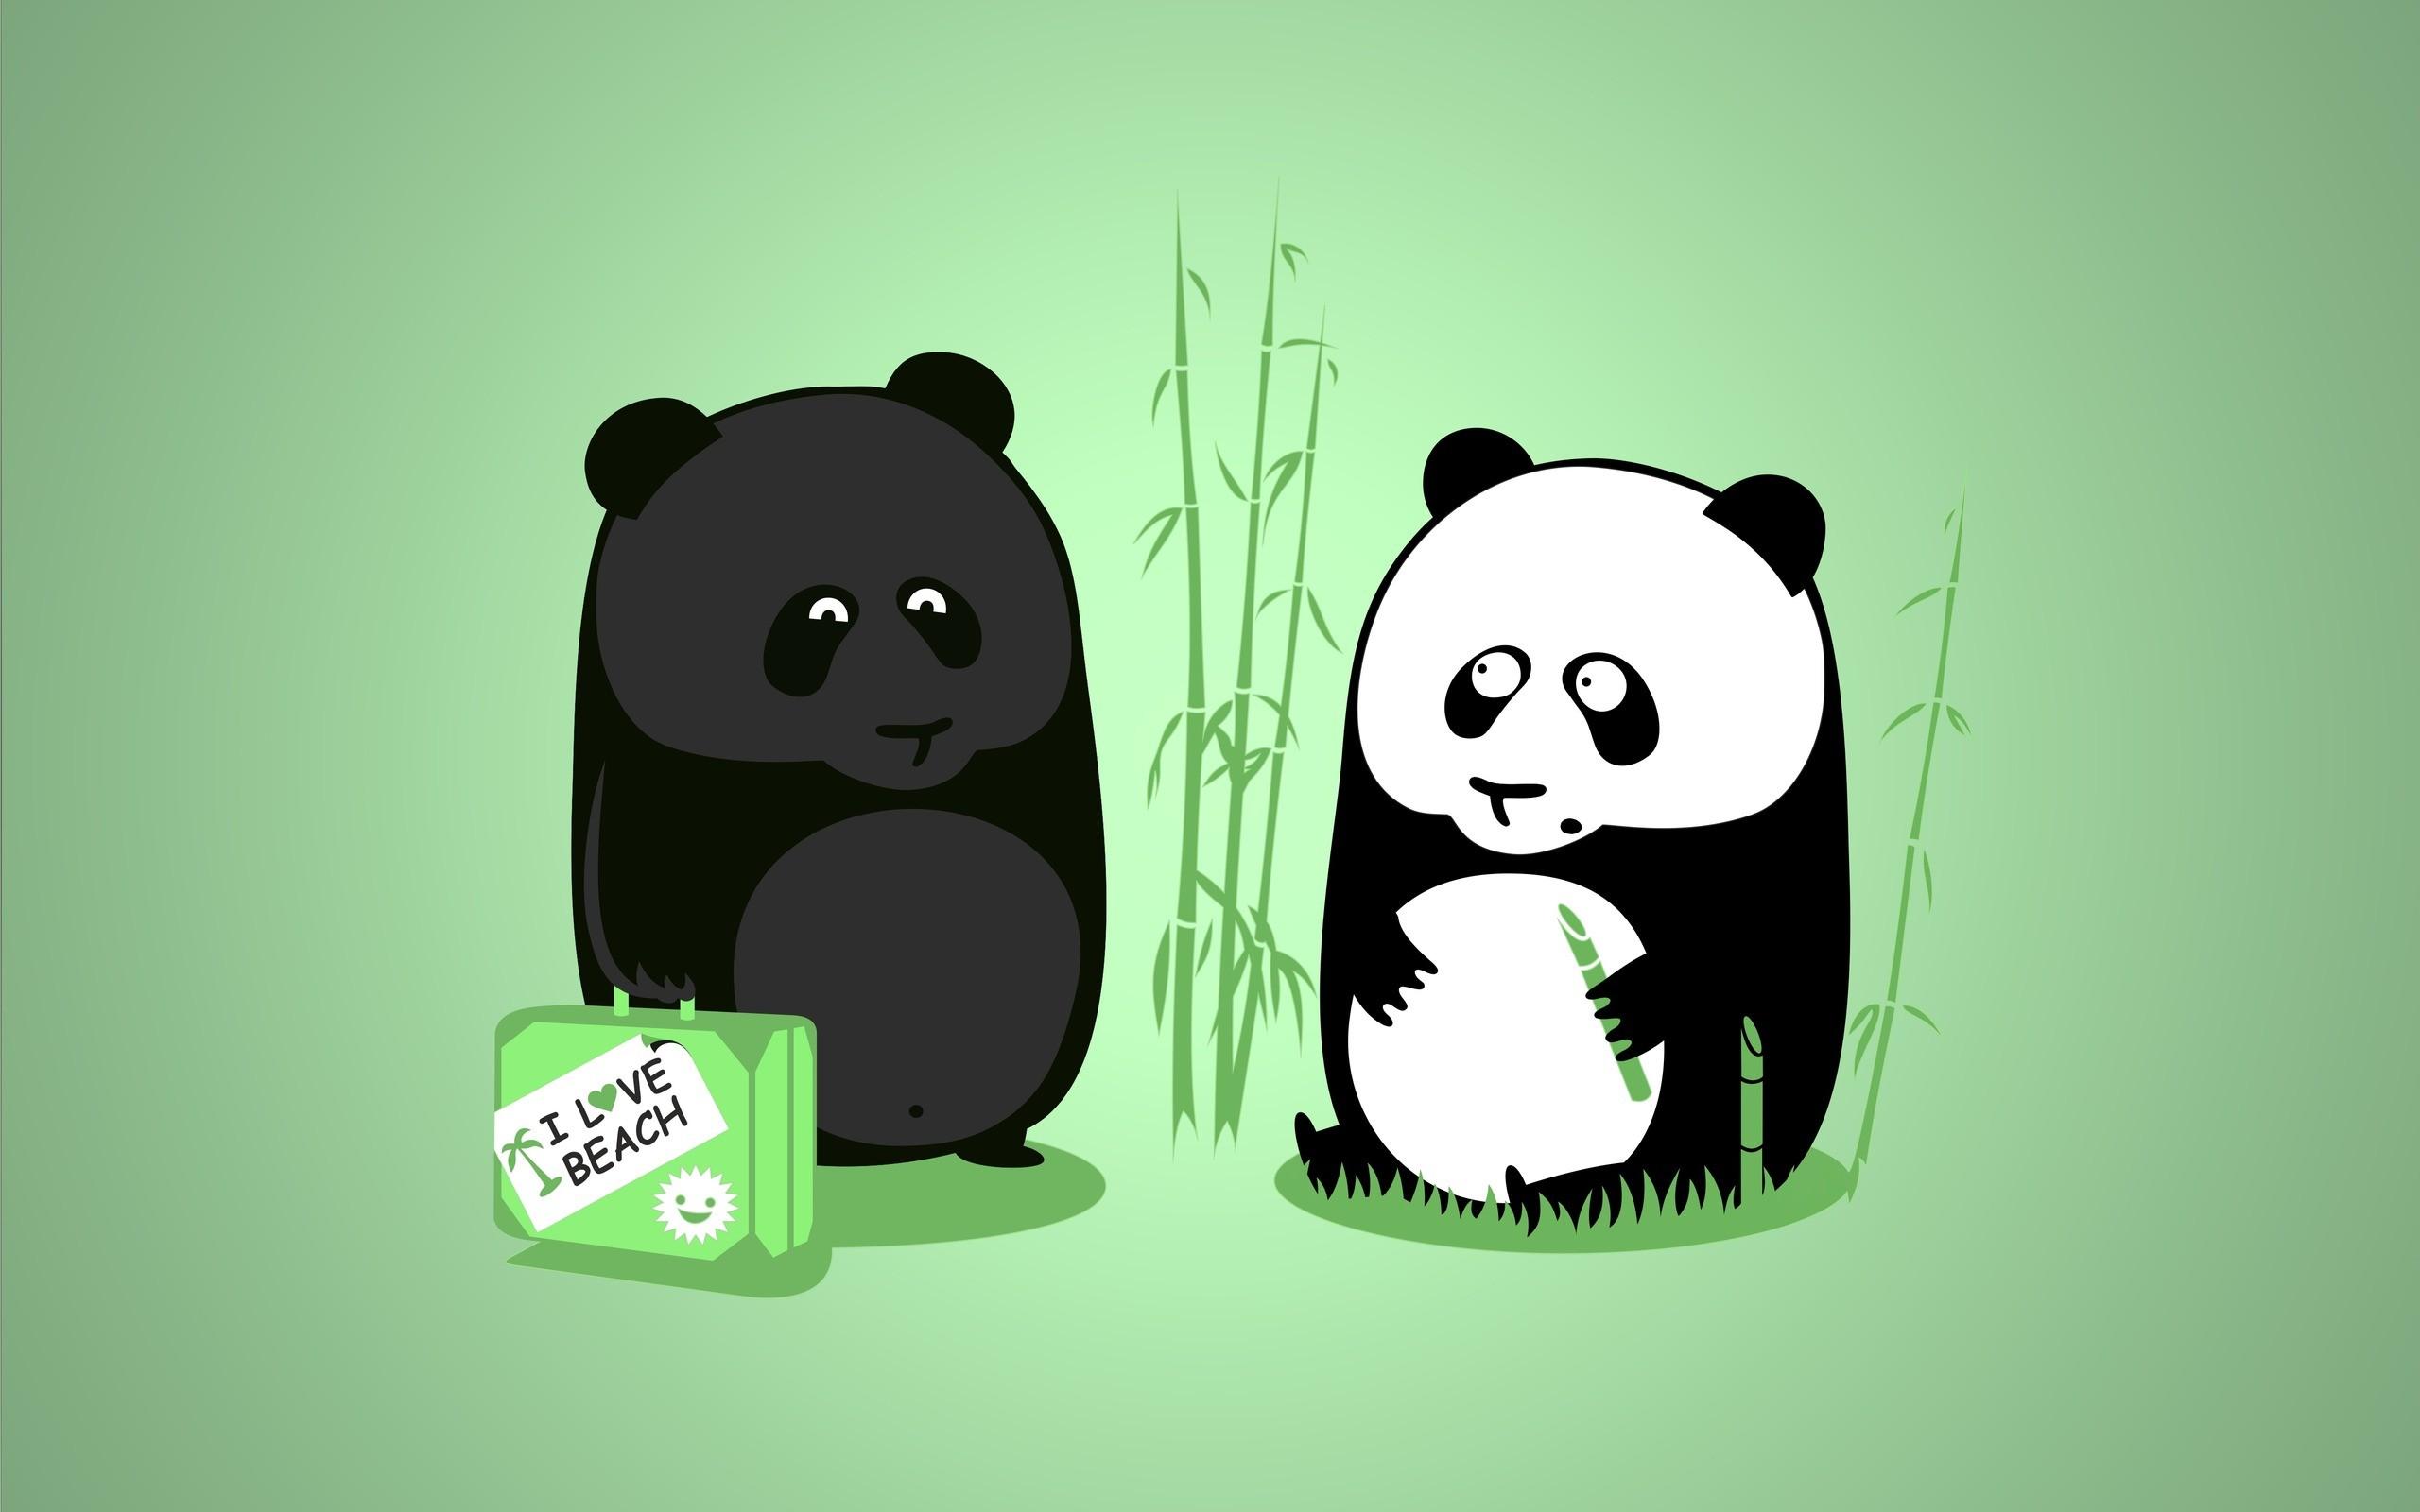 Funny Panda Cartoon Wallpaper With Quote #8079   Frenzia.com